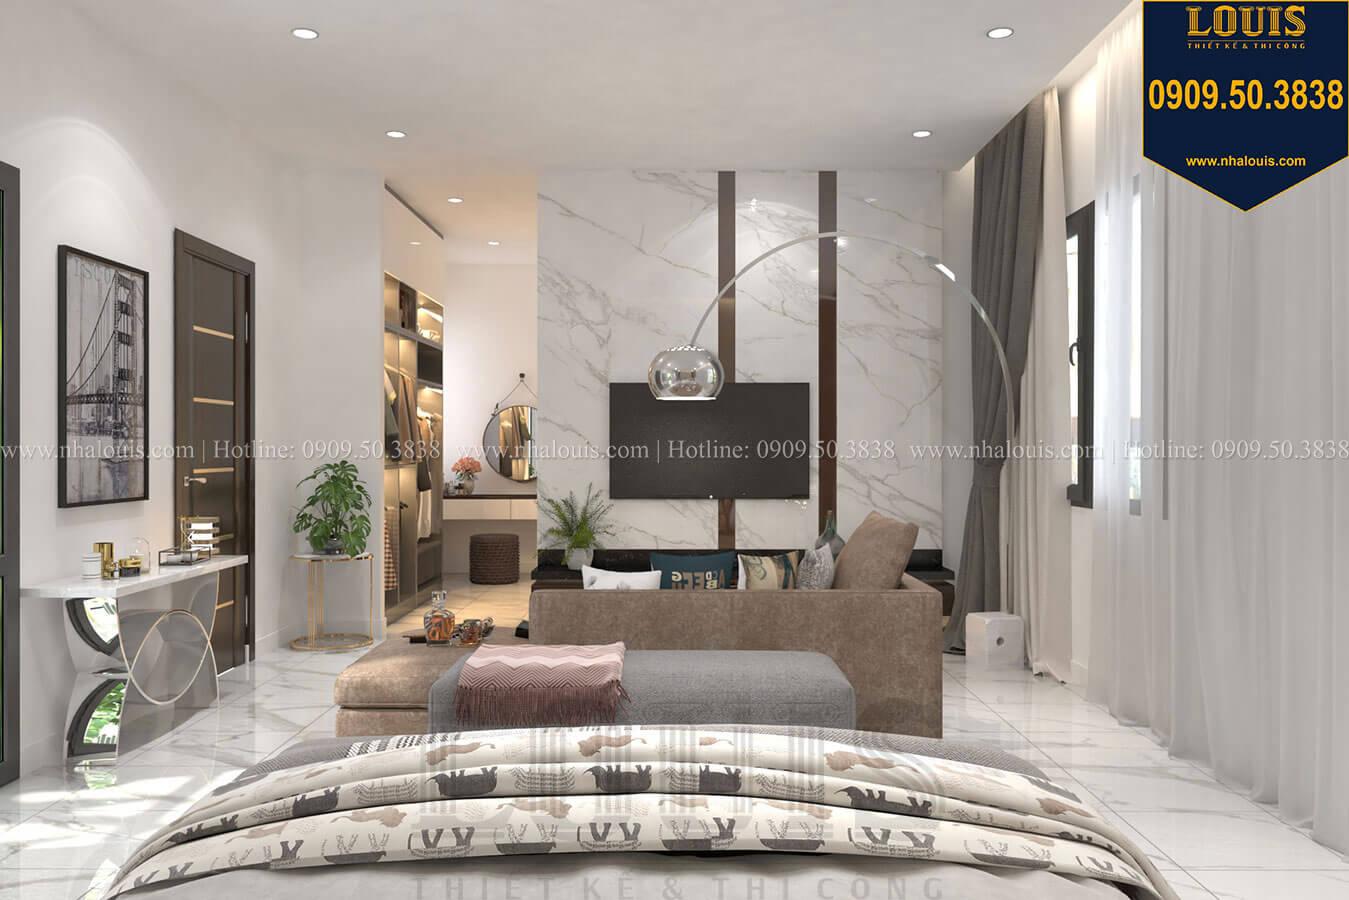 Phòng ngủ master Thiết kế biệt thự 3 tầng hiện đại mặt tiền 10m tại Cần Thơ - 22